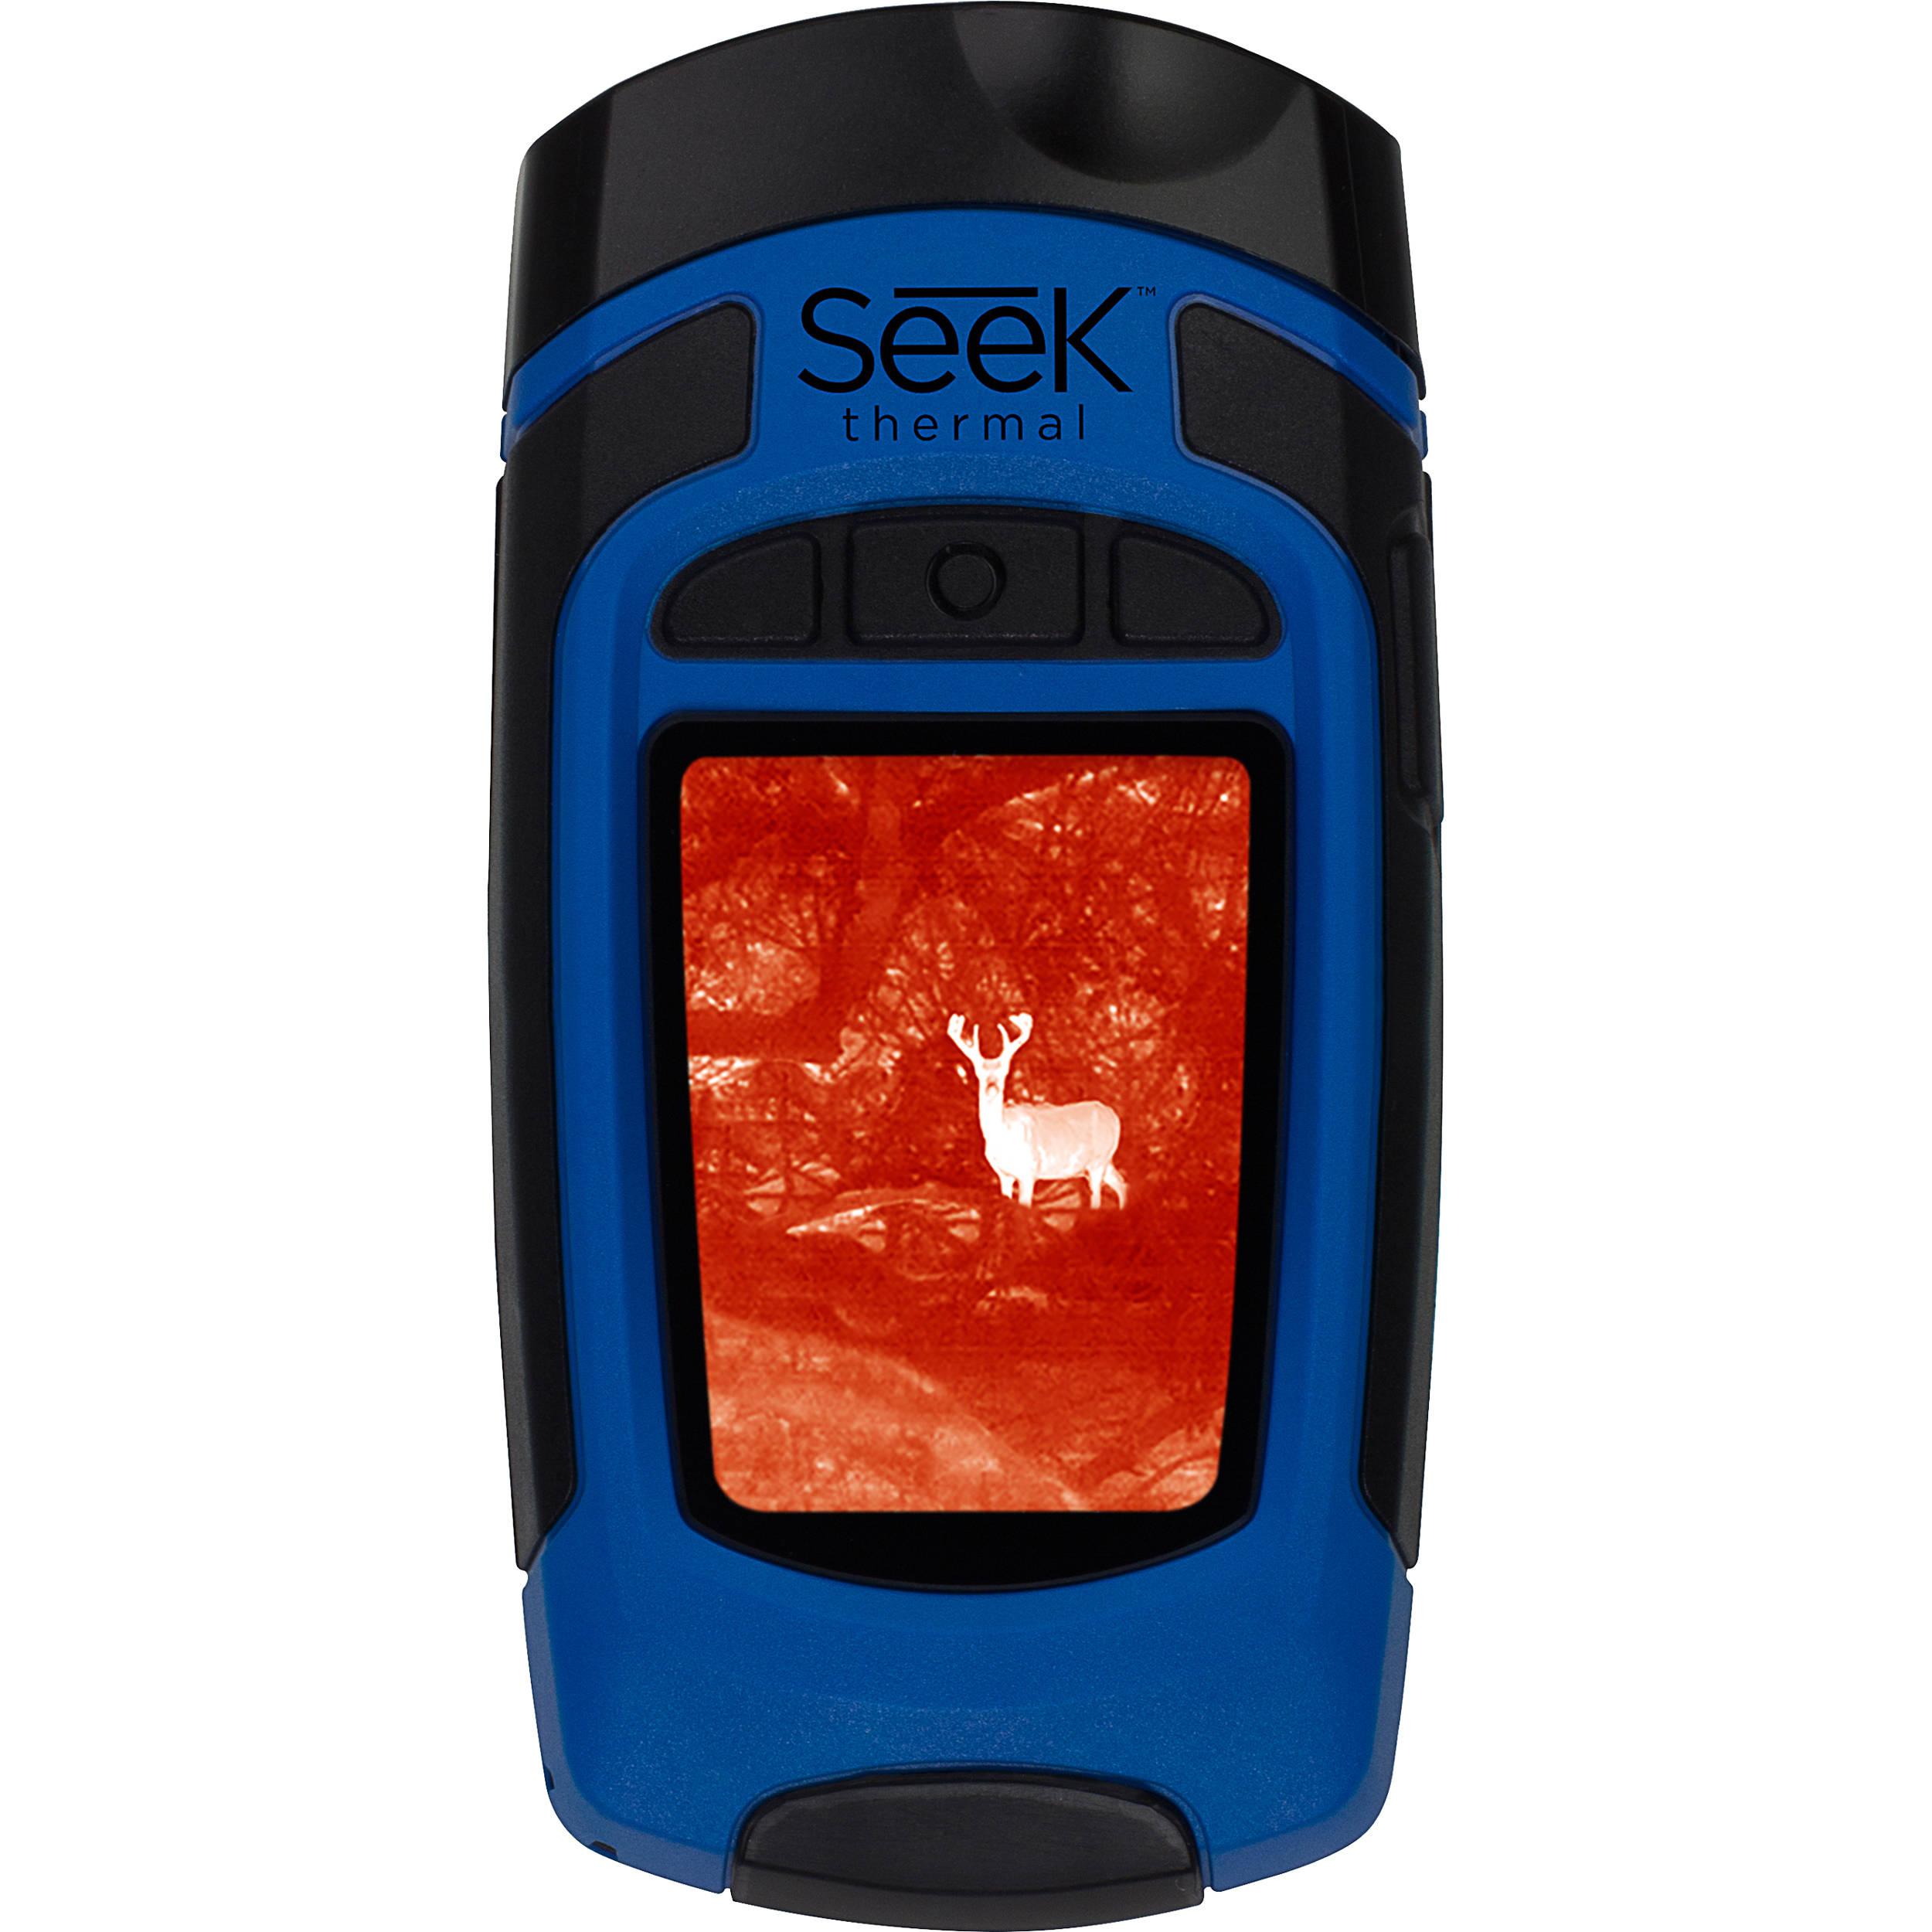 Seek Thermal Camera >> Seek Thermal Reveal Handheld Thermal Imager Blue 9 Hz Rw Aaa